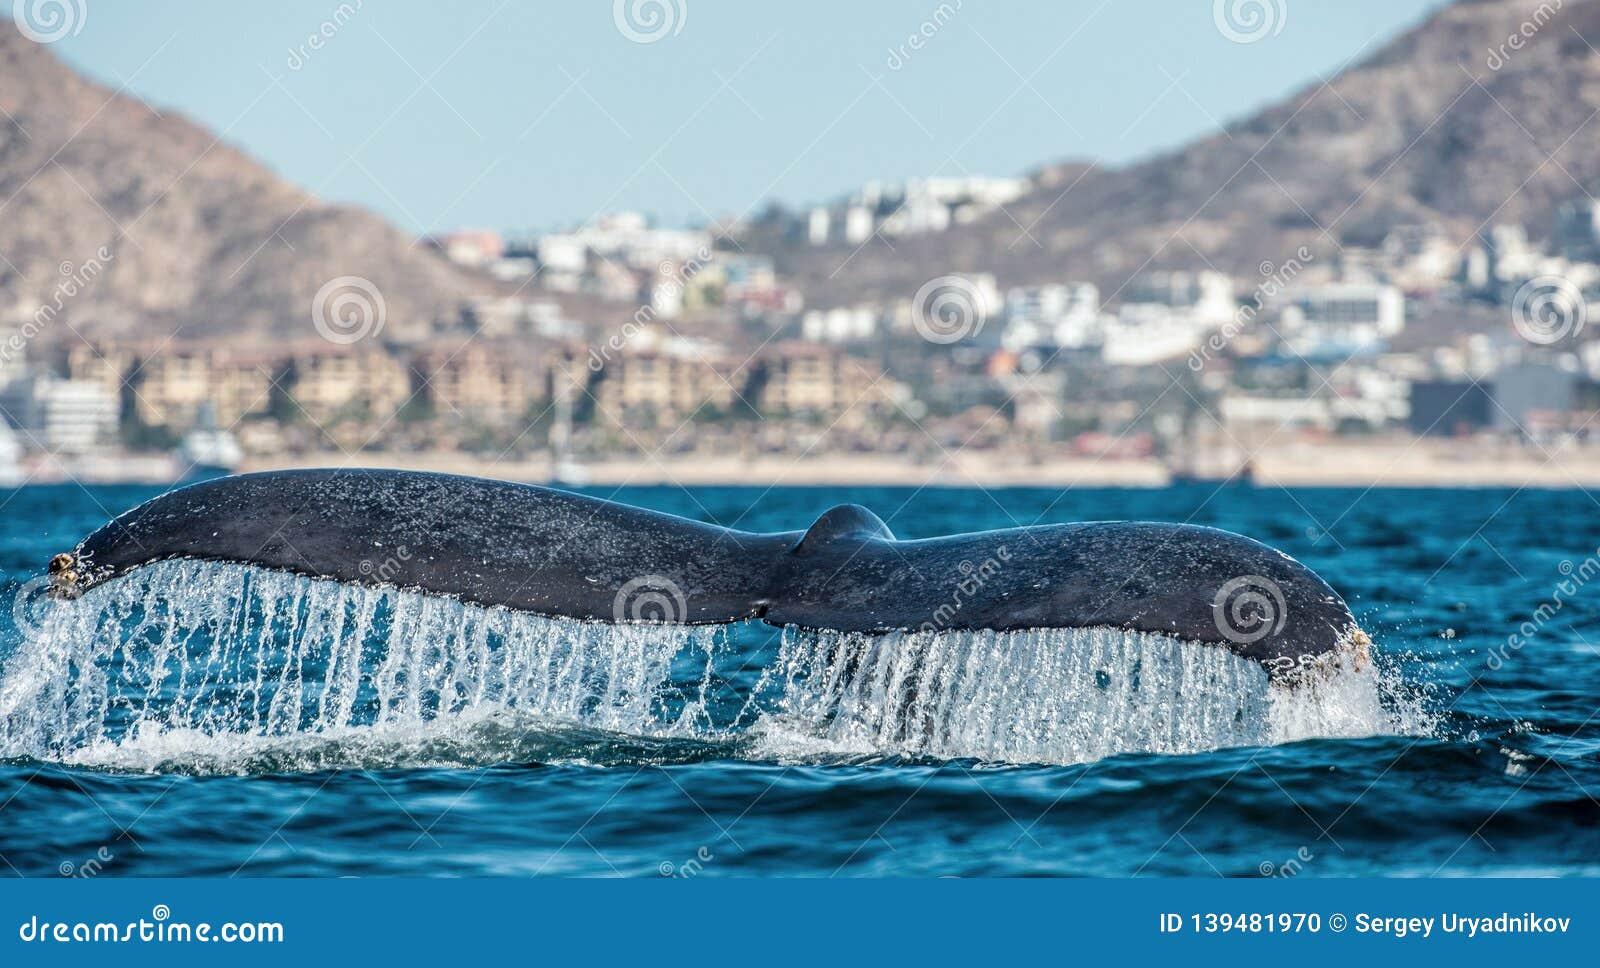 Хвостовой плавник могущественных novaeangliae Megaptera горбатого кита